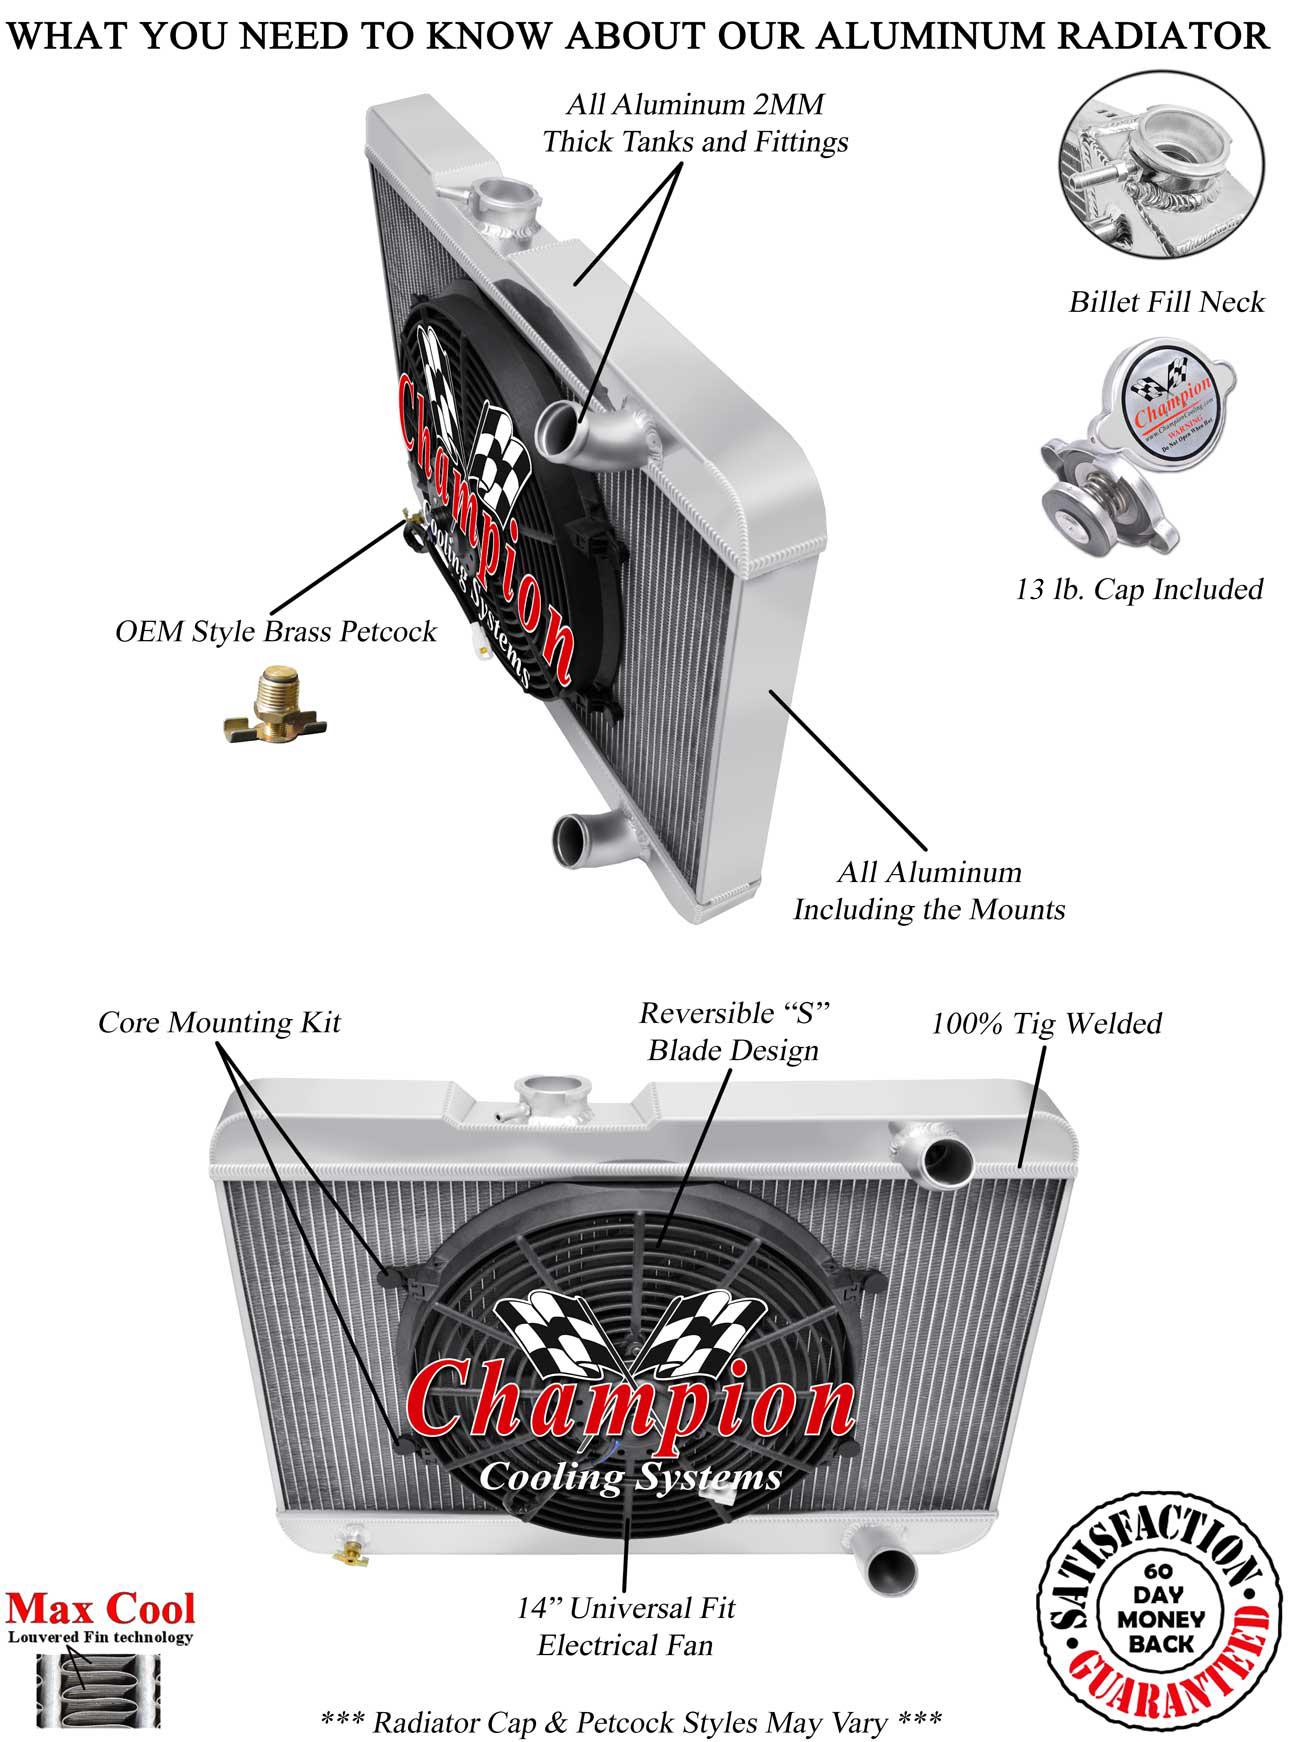 3 Row Reliable Champion Radiator W/ 14\ Fan for 1963 Pontiac LeMans V8  Engine   eBay [ 1742 x 1290 Pixel ]